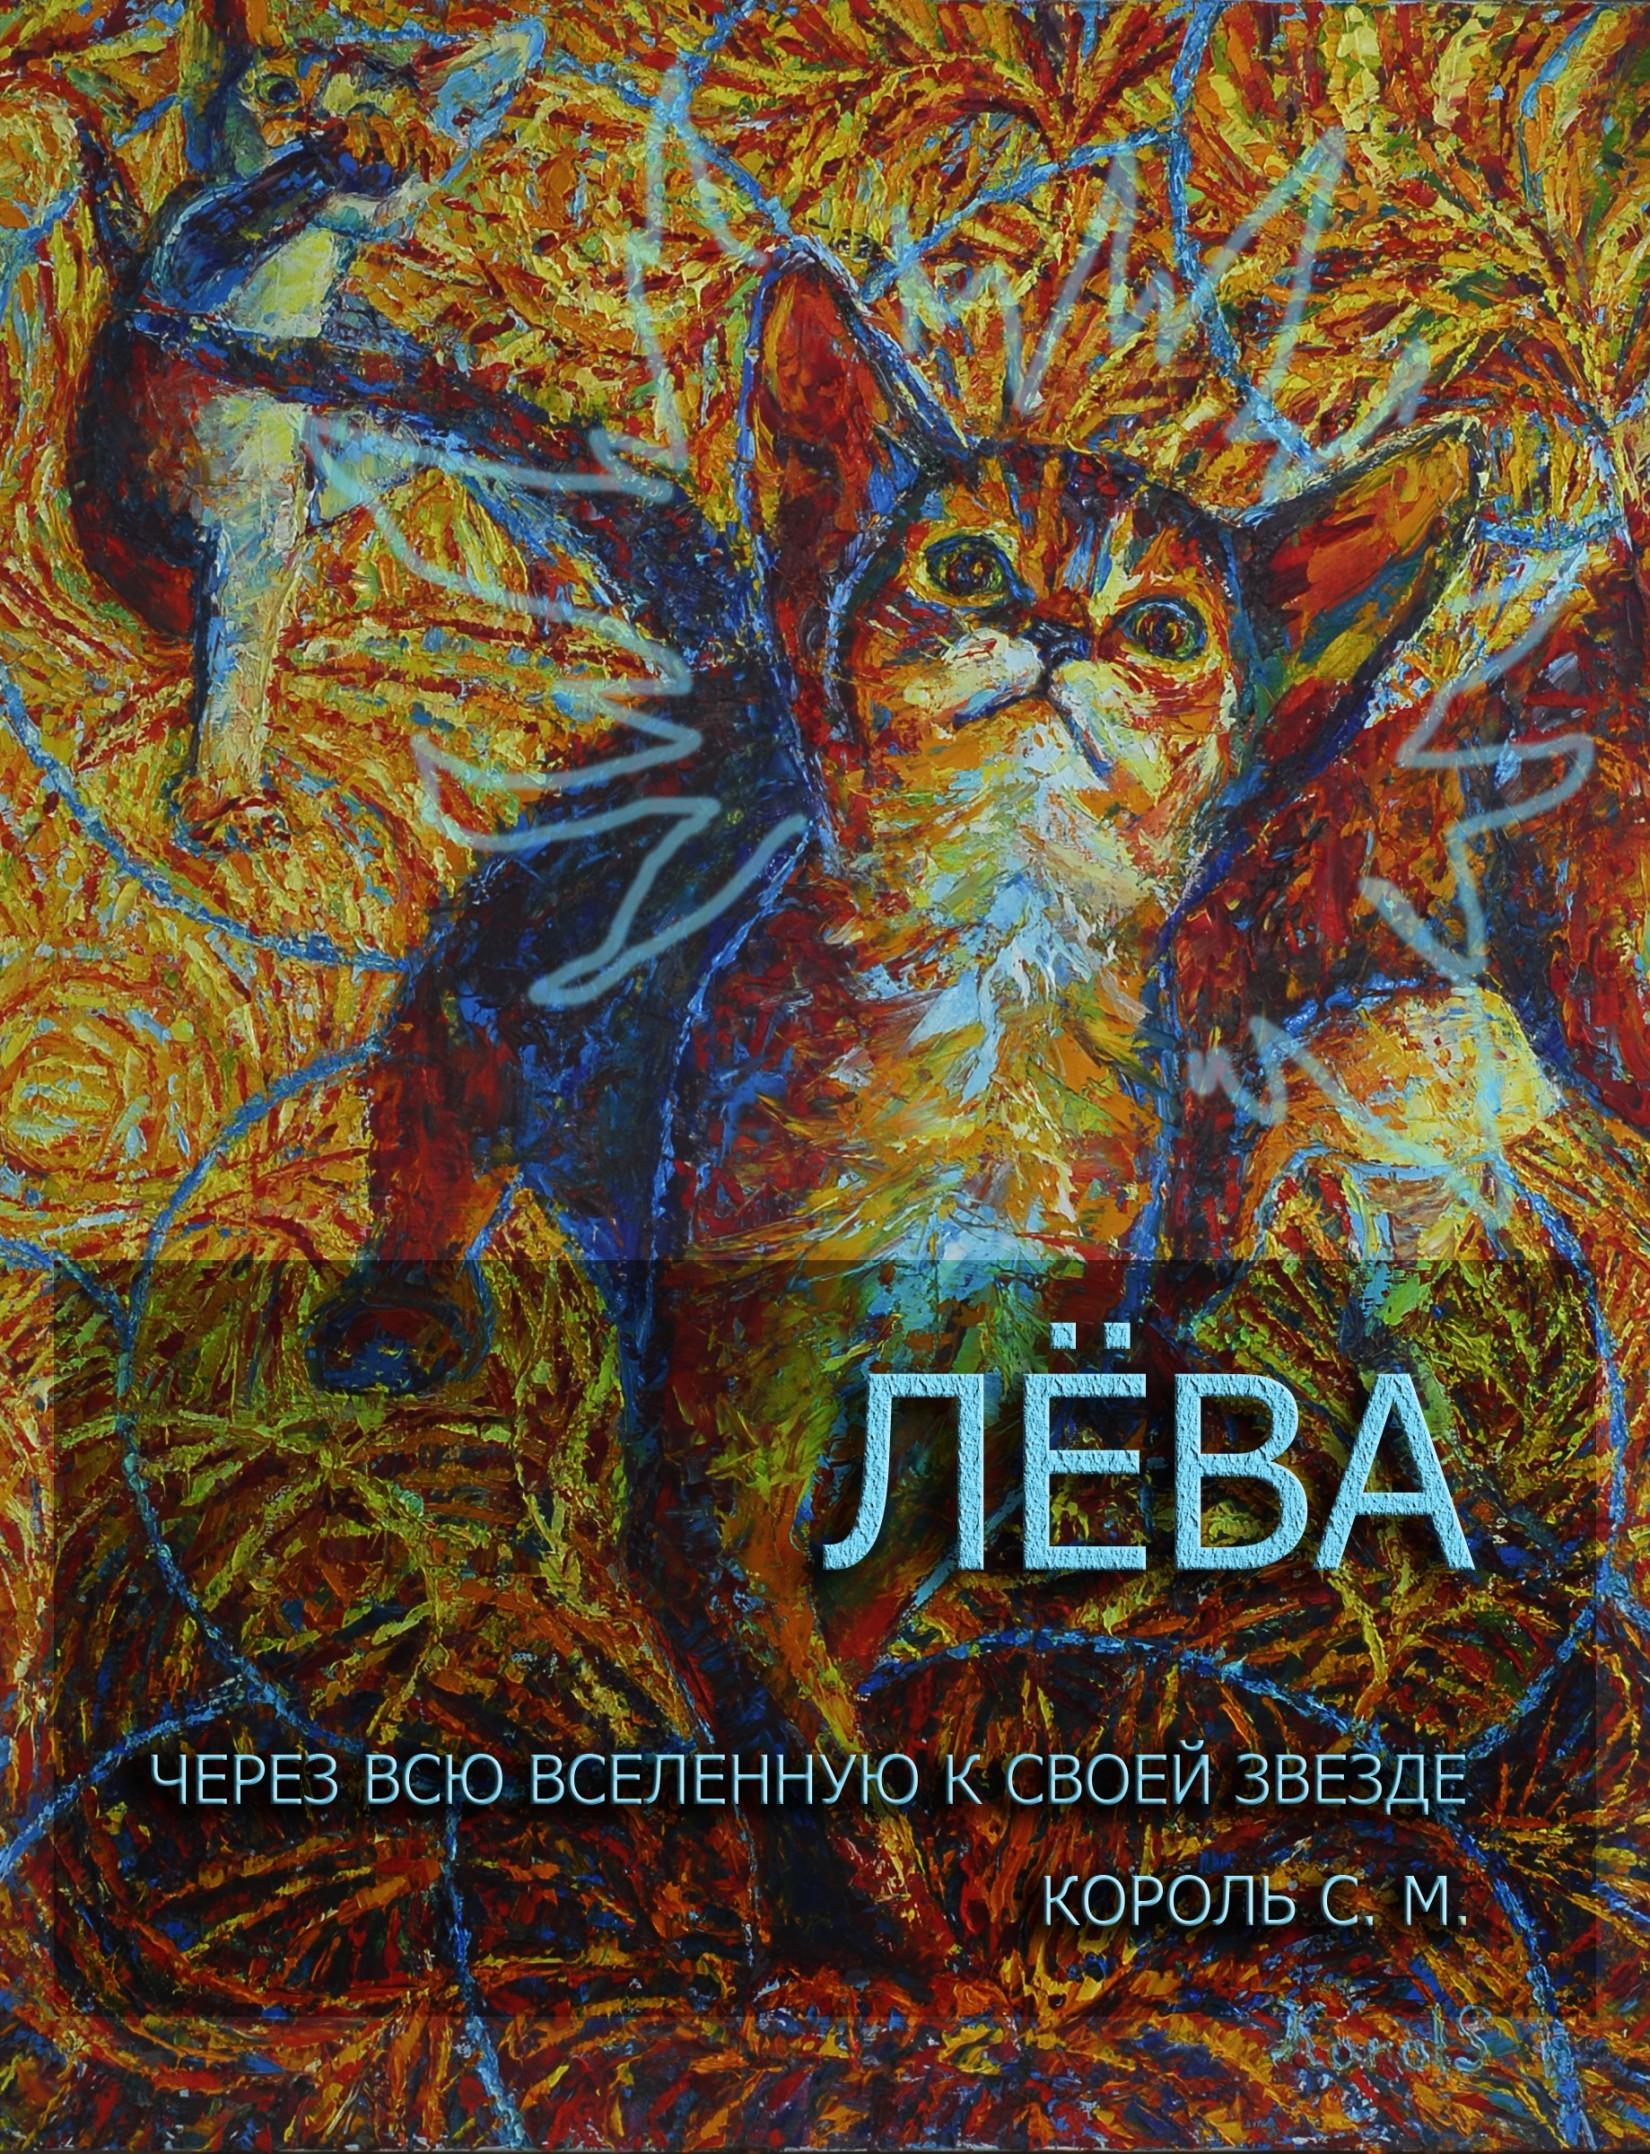 Светлана Михайловна Король бесплатно